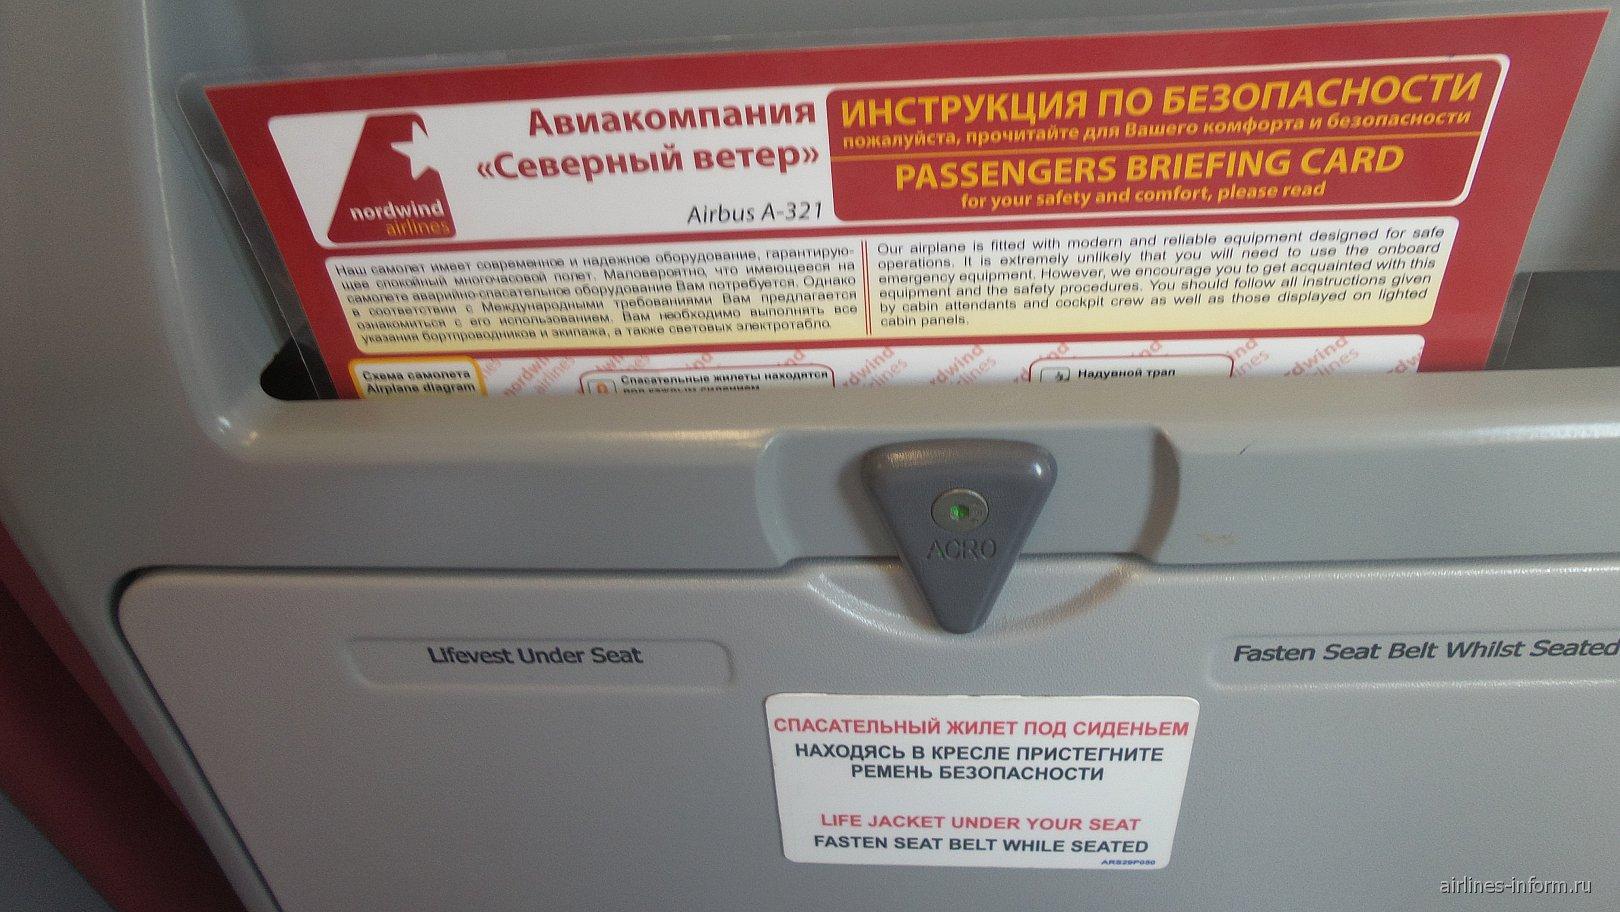 Из развлечений только инструкция по безопасности.